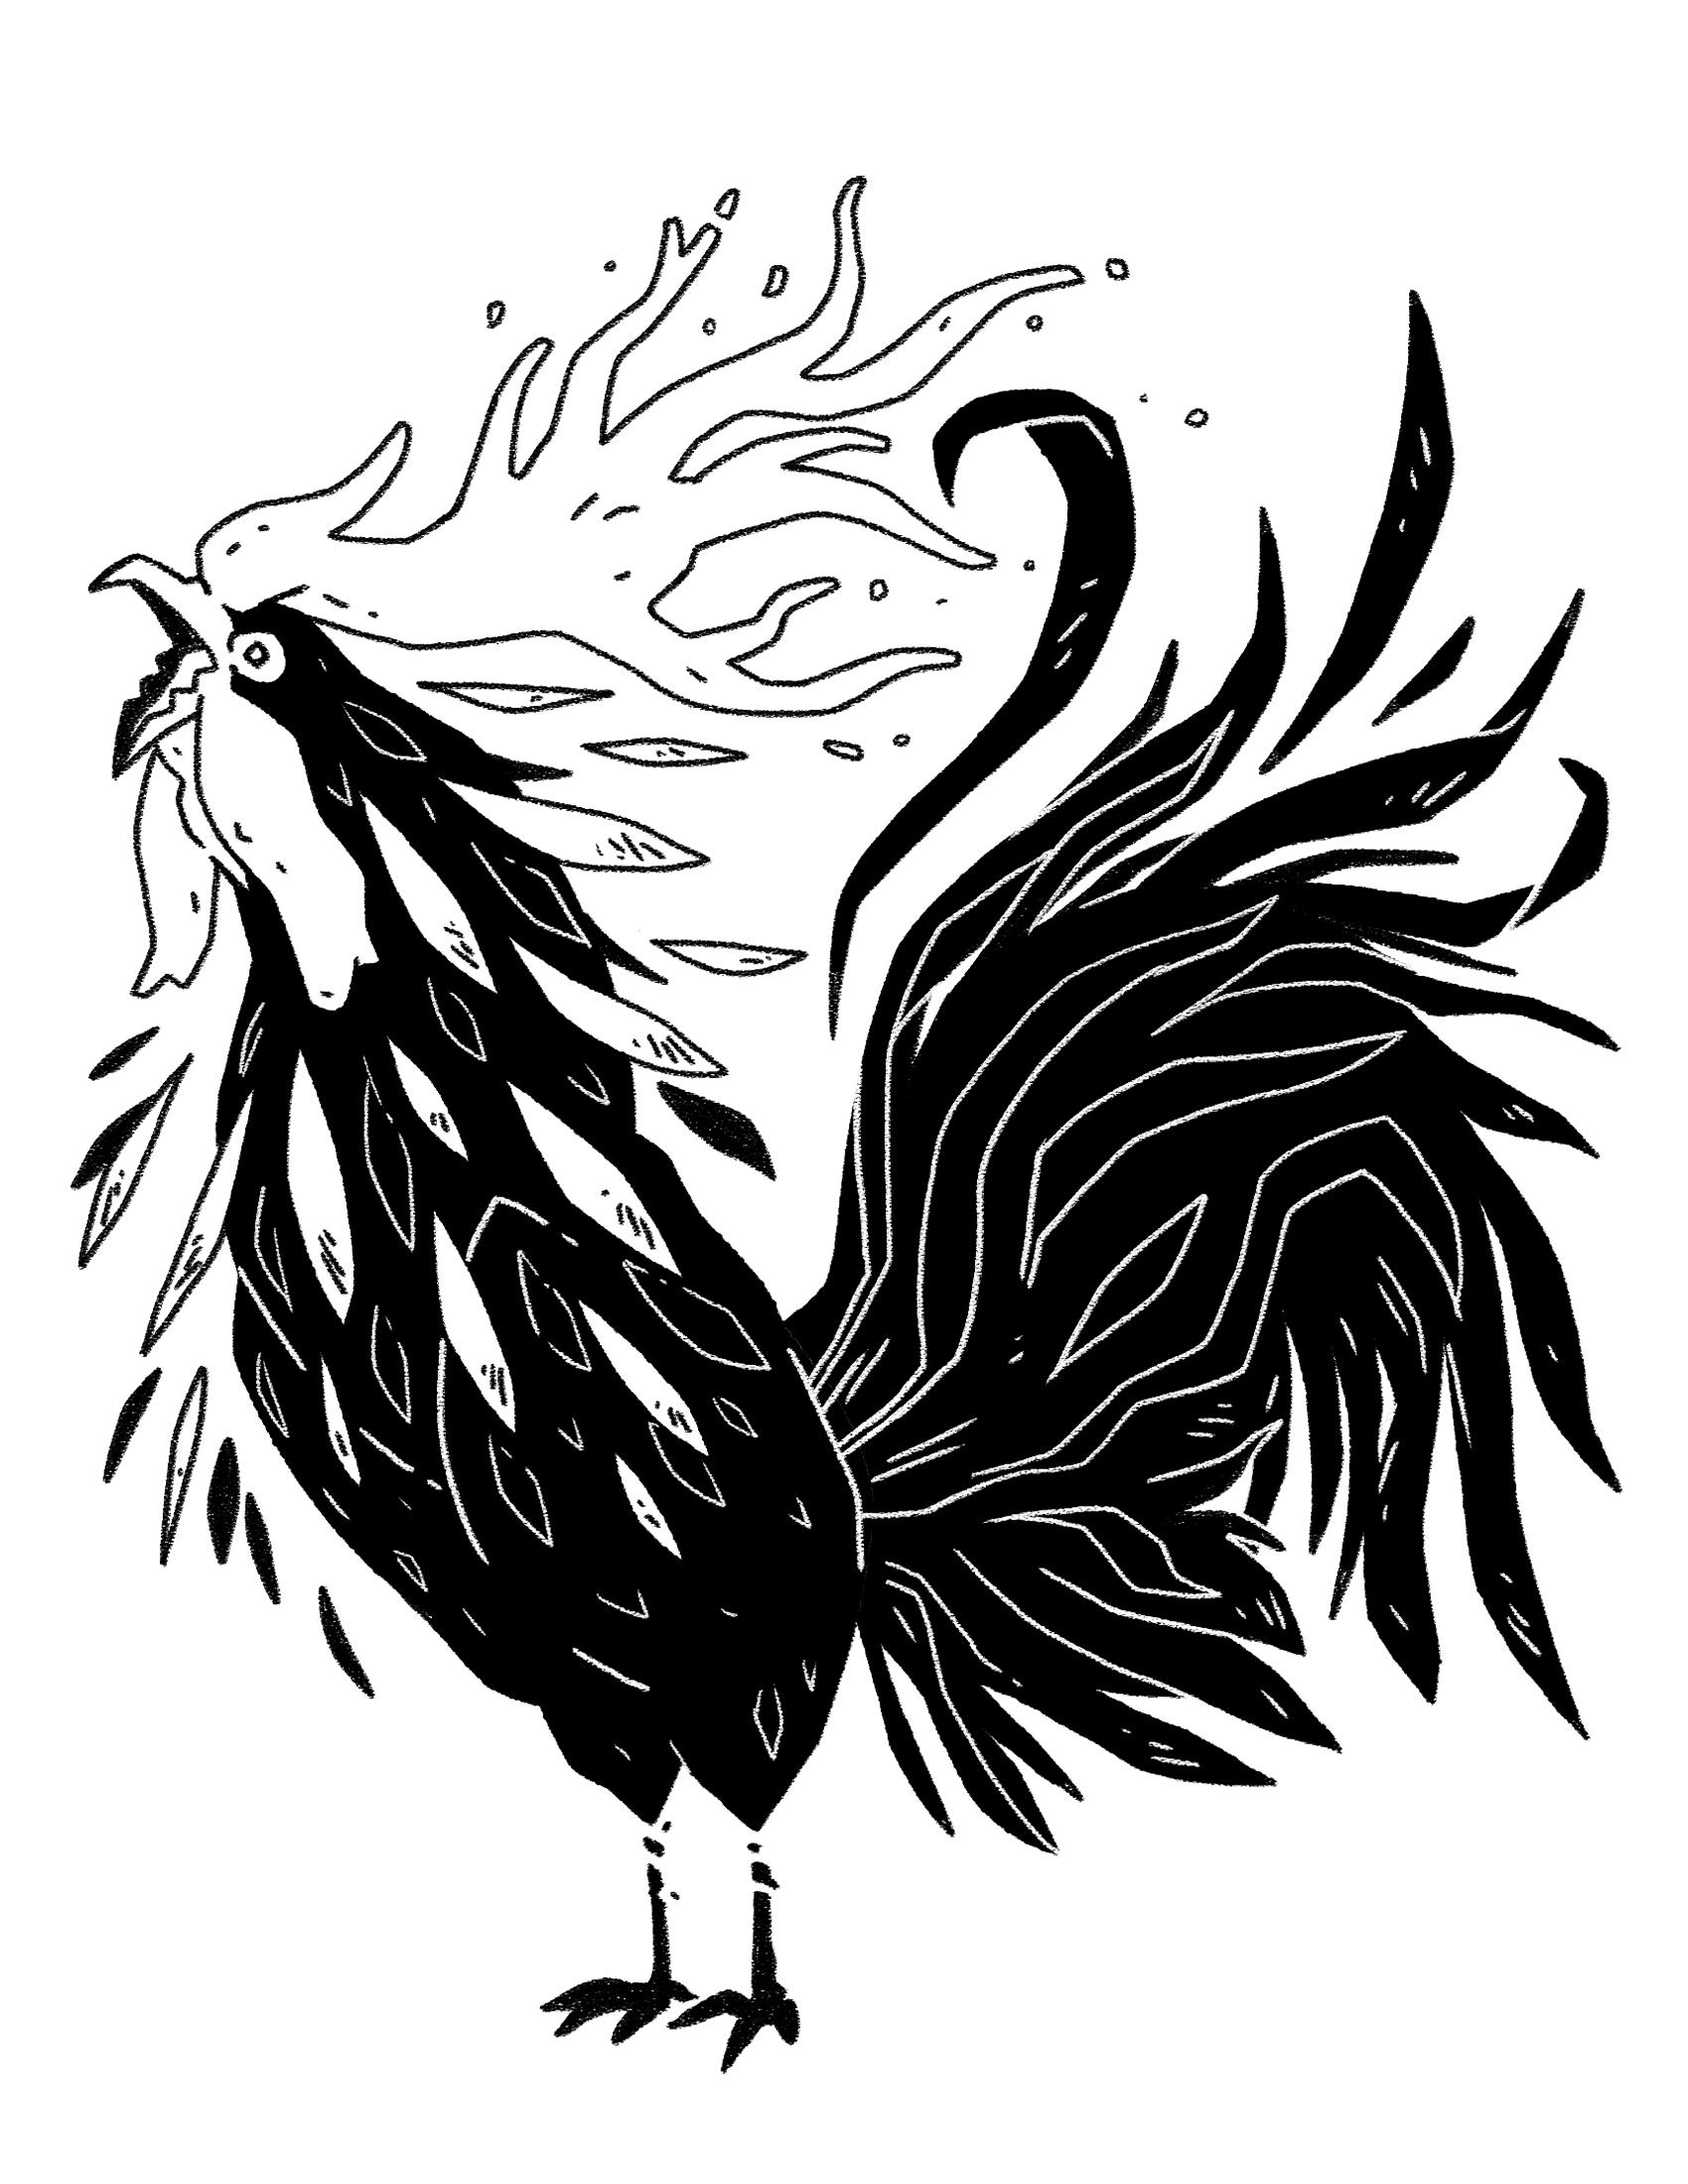 zodiac_0021_rooster.jpg